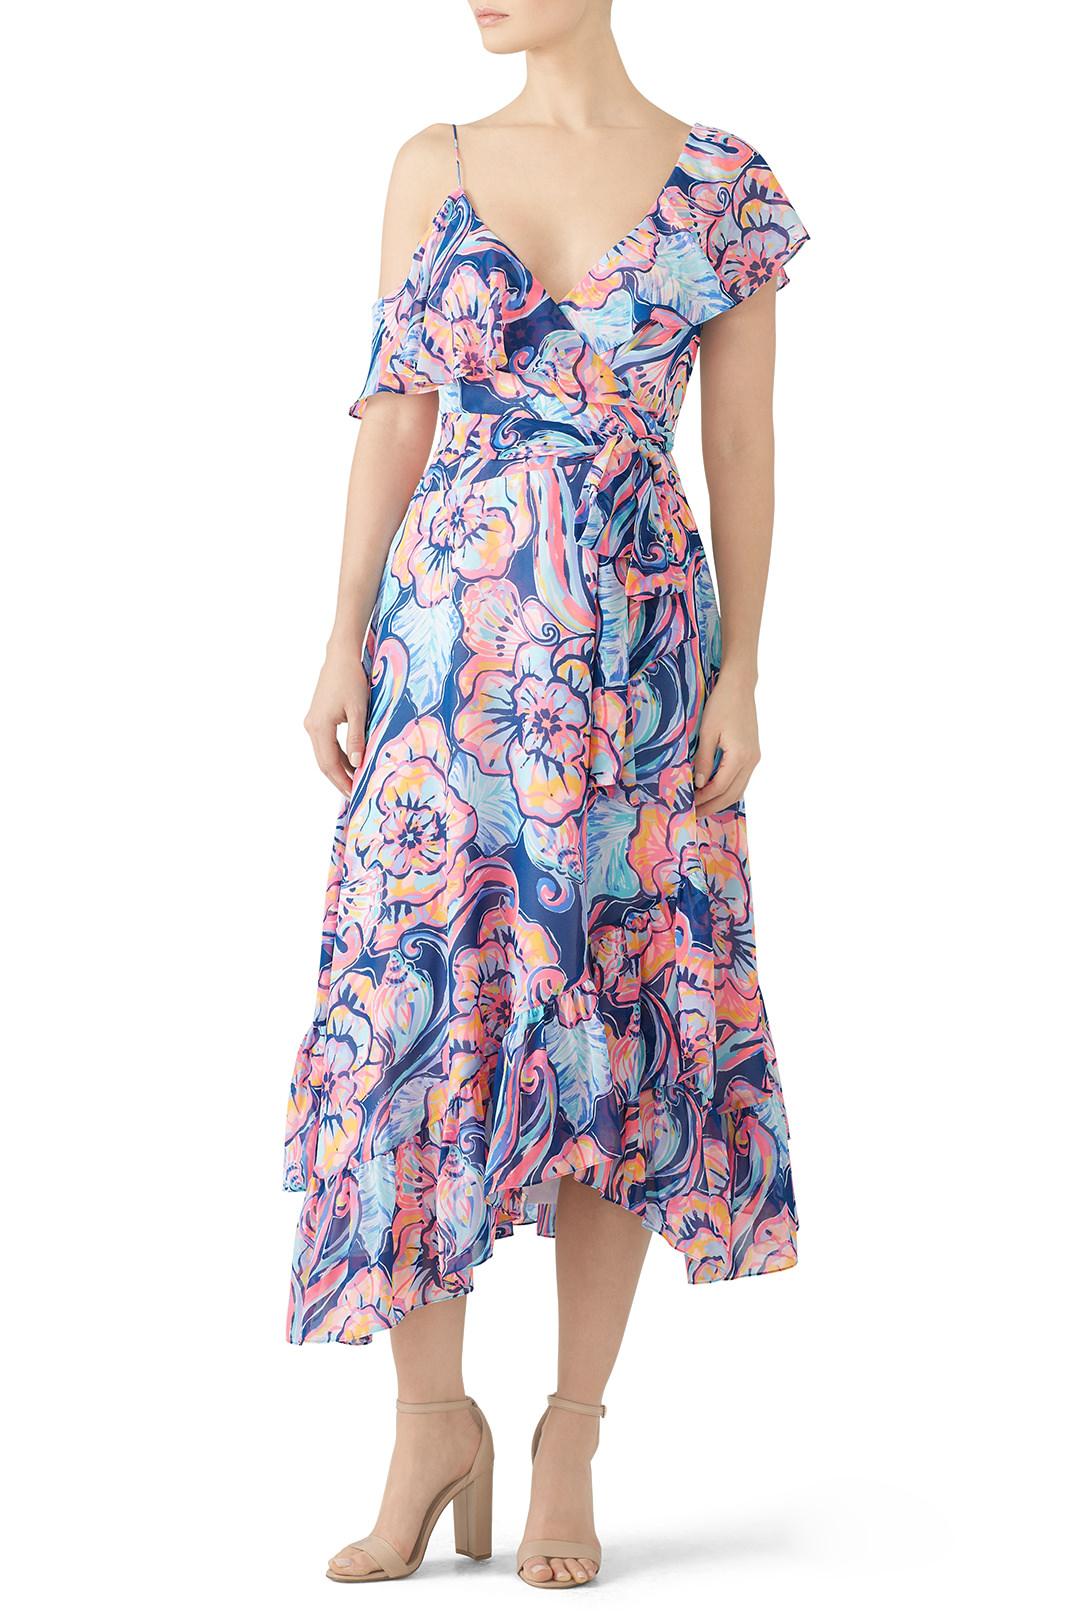 Lilly Pulitzer Marinanna Wrap Dress